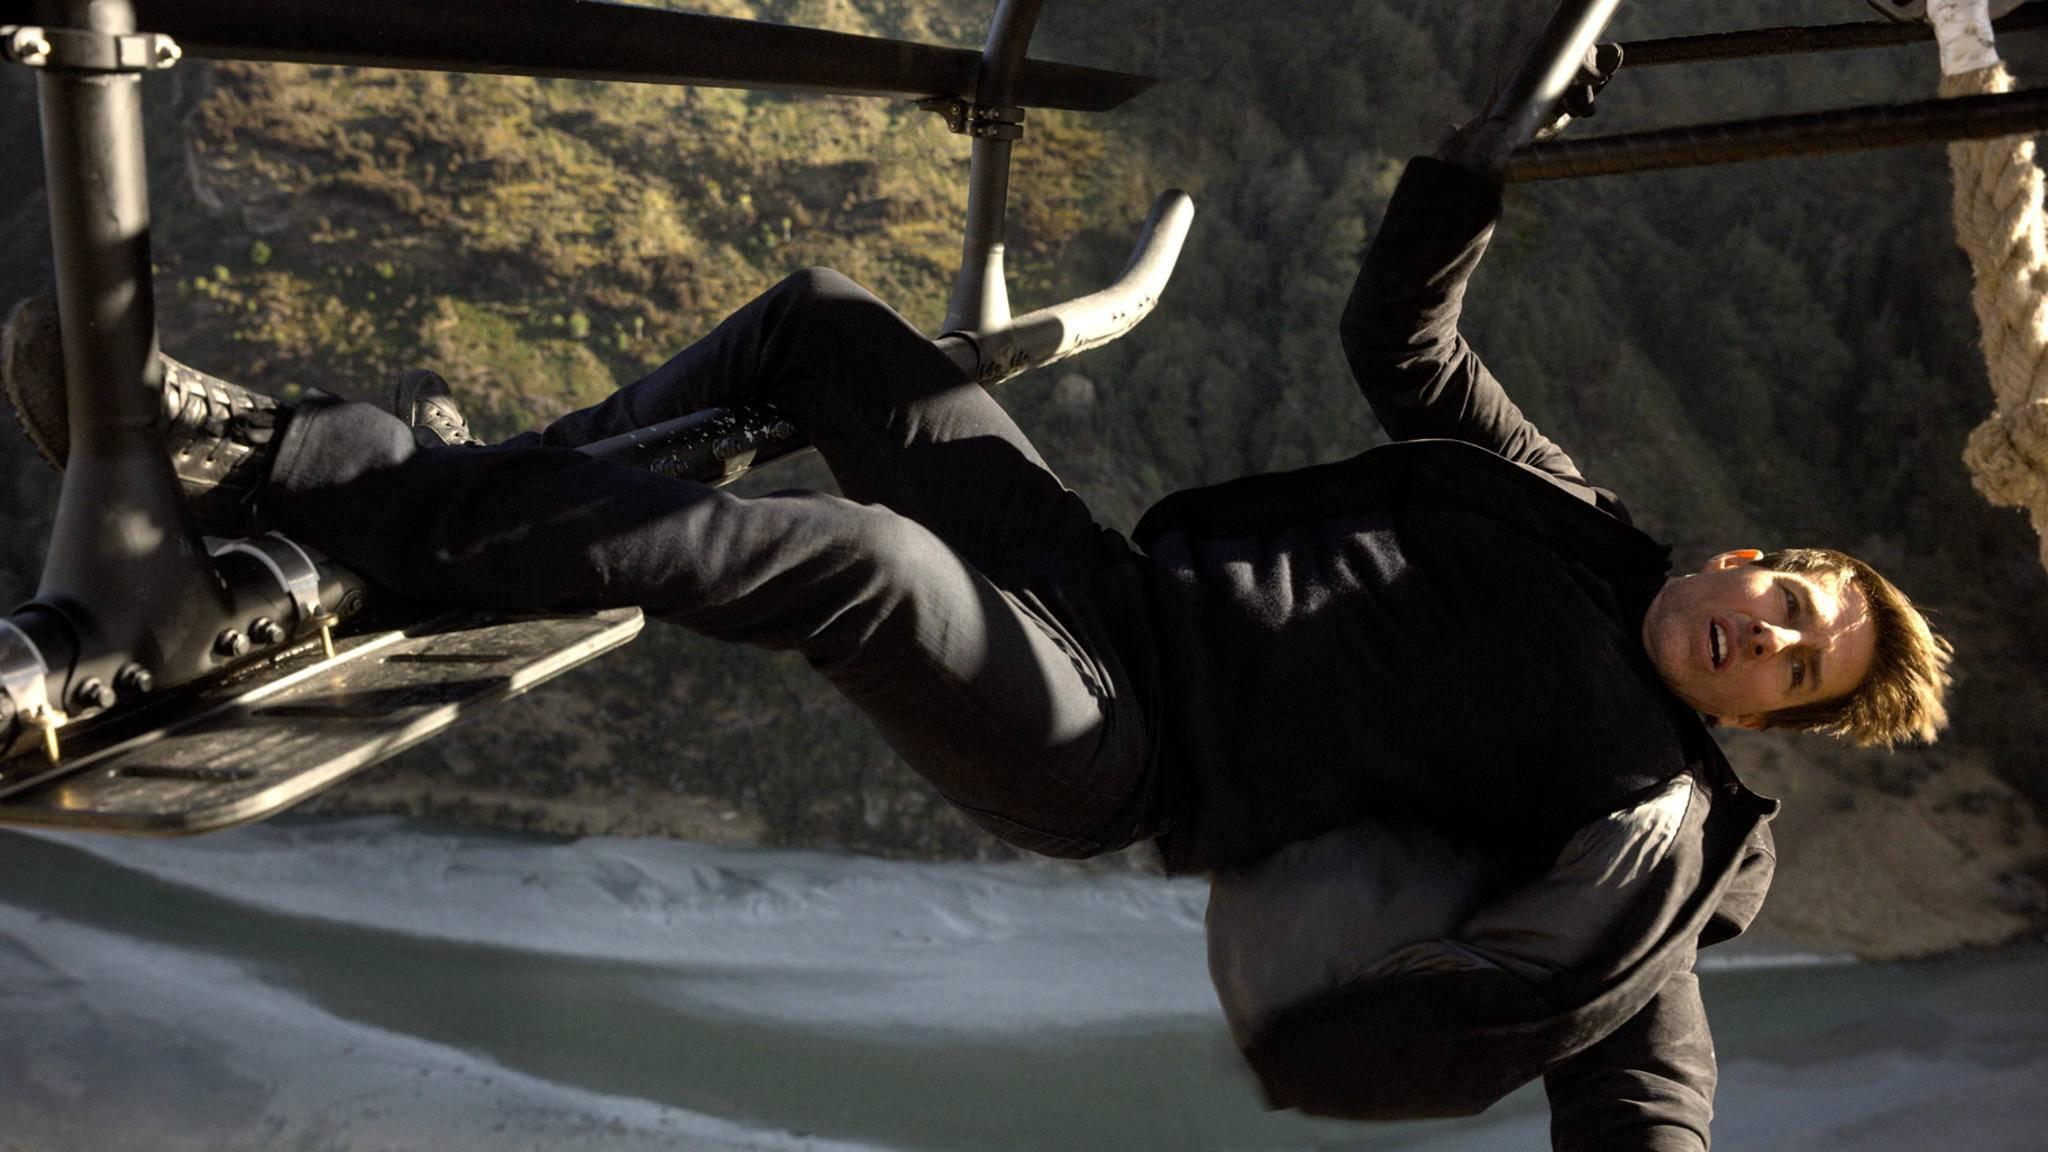 Lehnt sich Tom Cruise diesmal etwas zu weit aus dem Fenster?